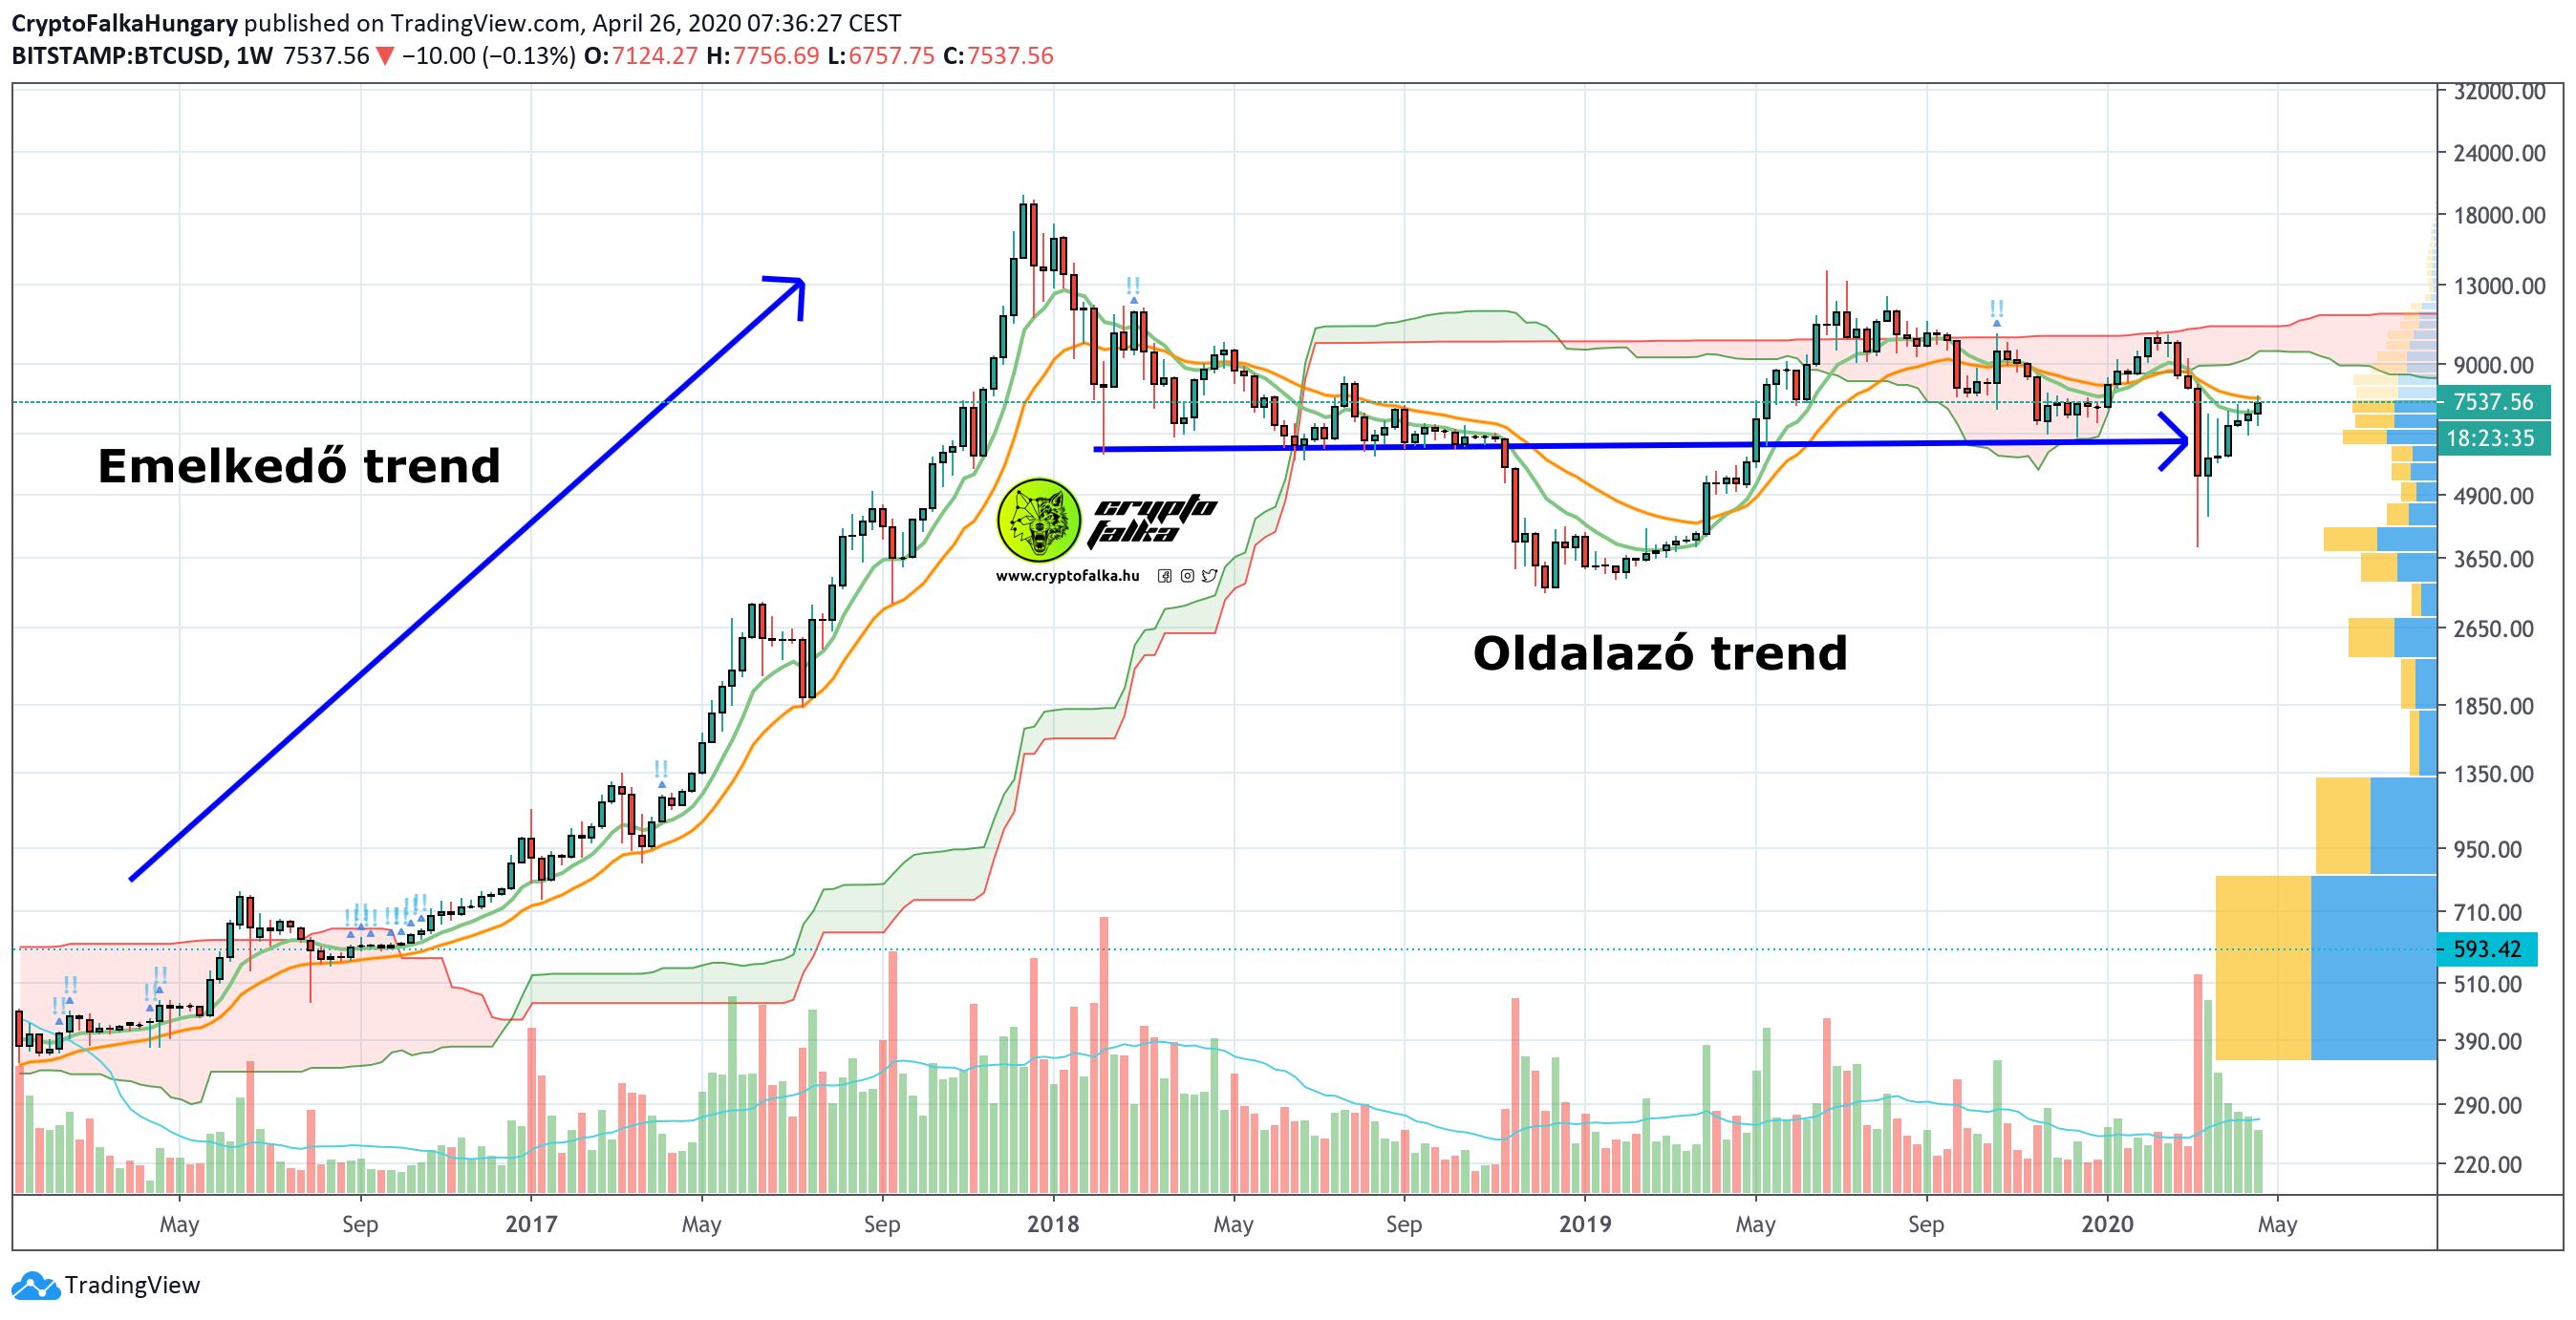 Tőzsdei szakértő Bitcoin ár elemzés 2 I Cryptofalka